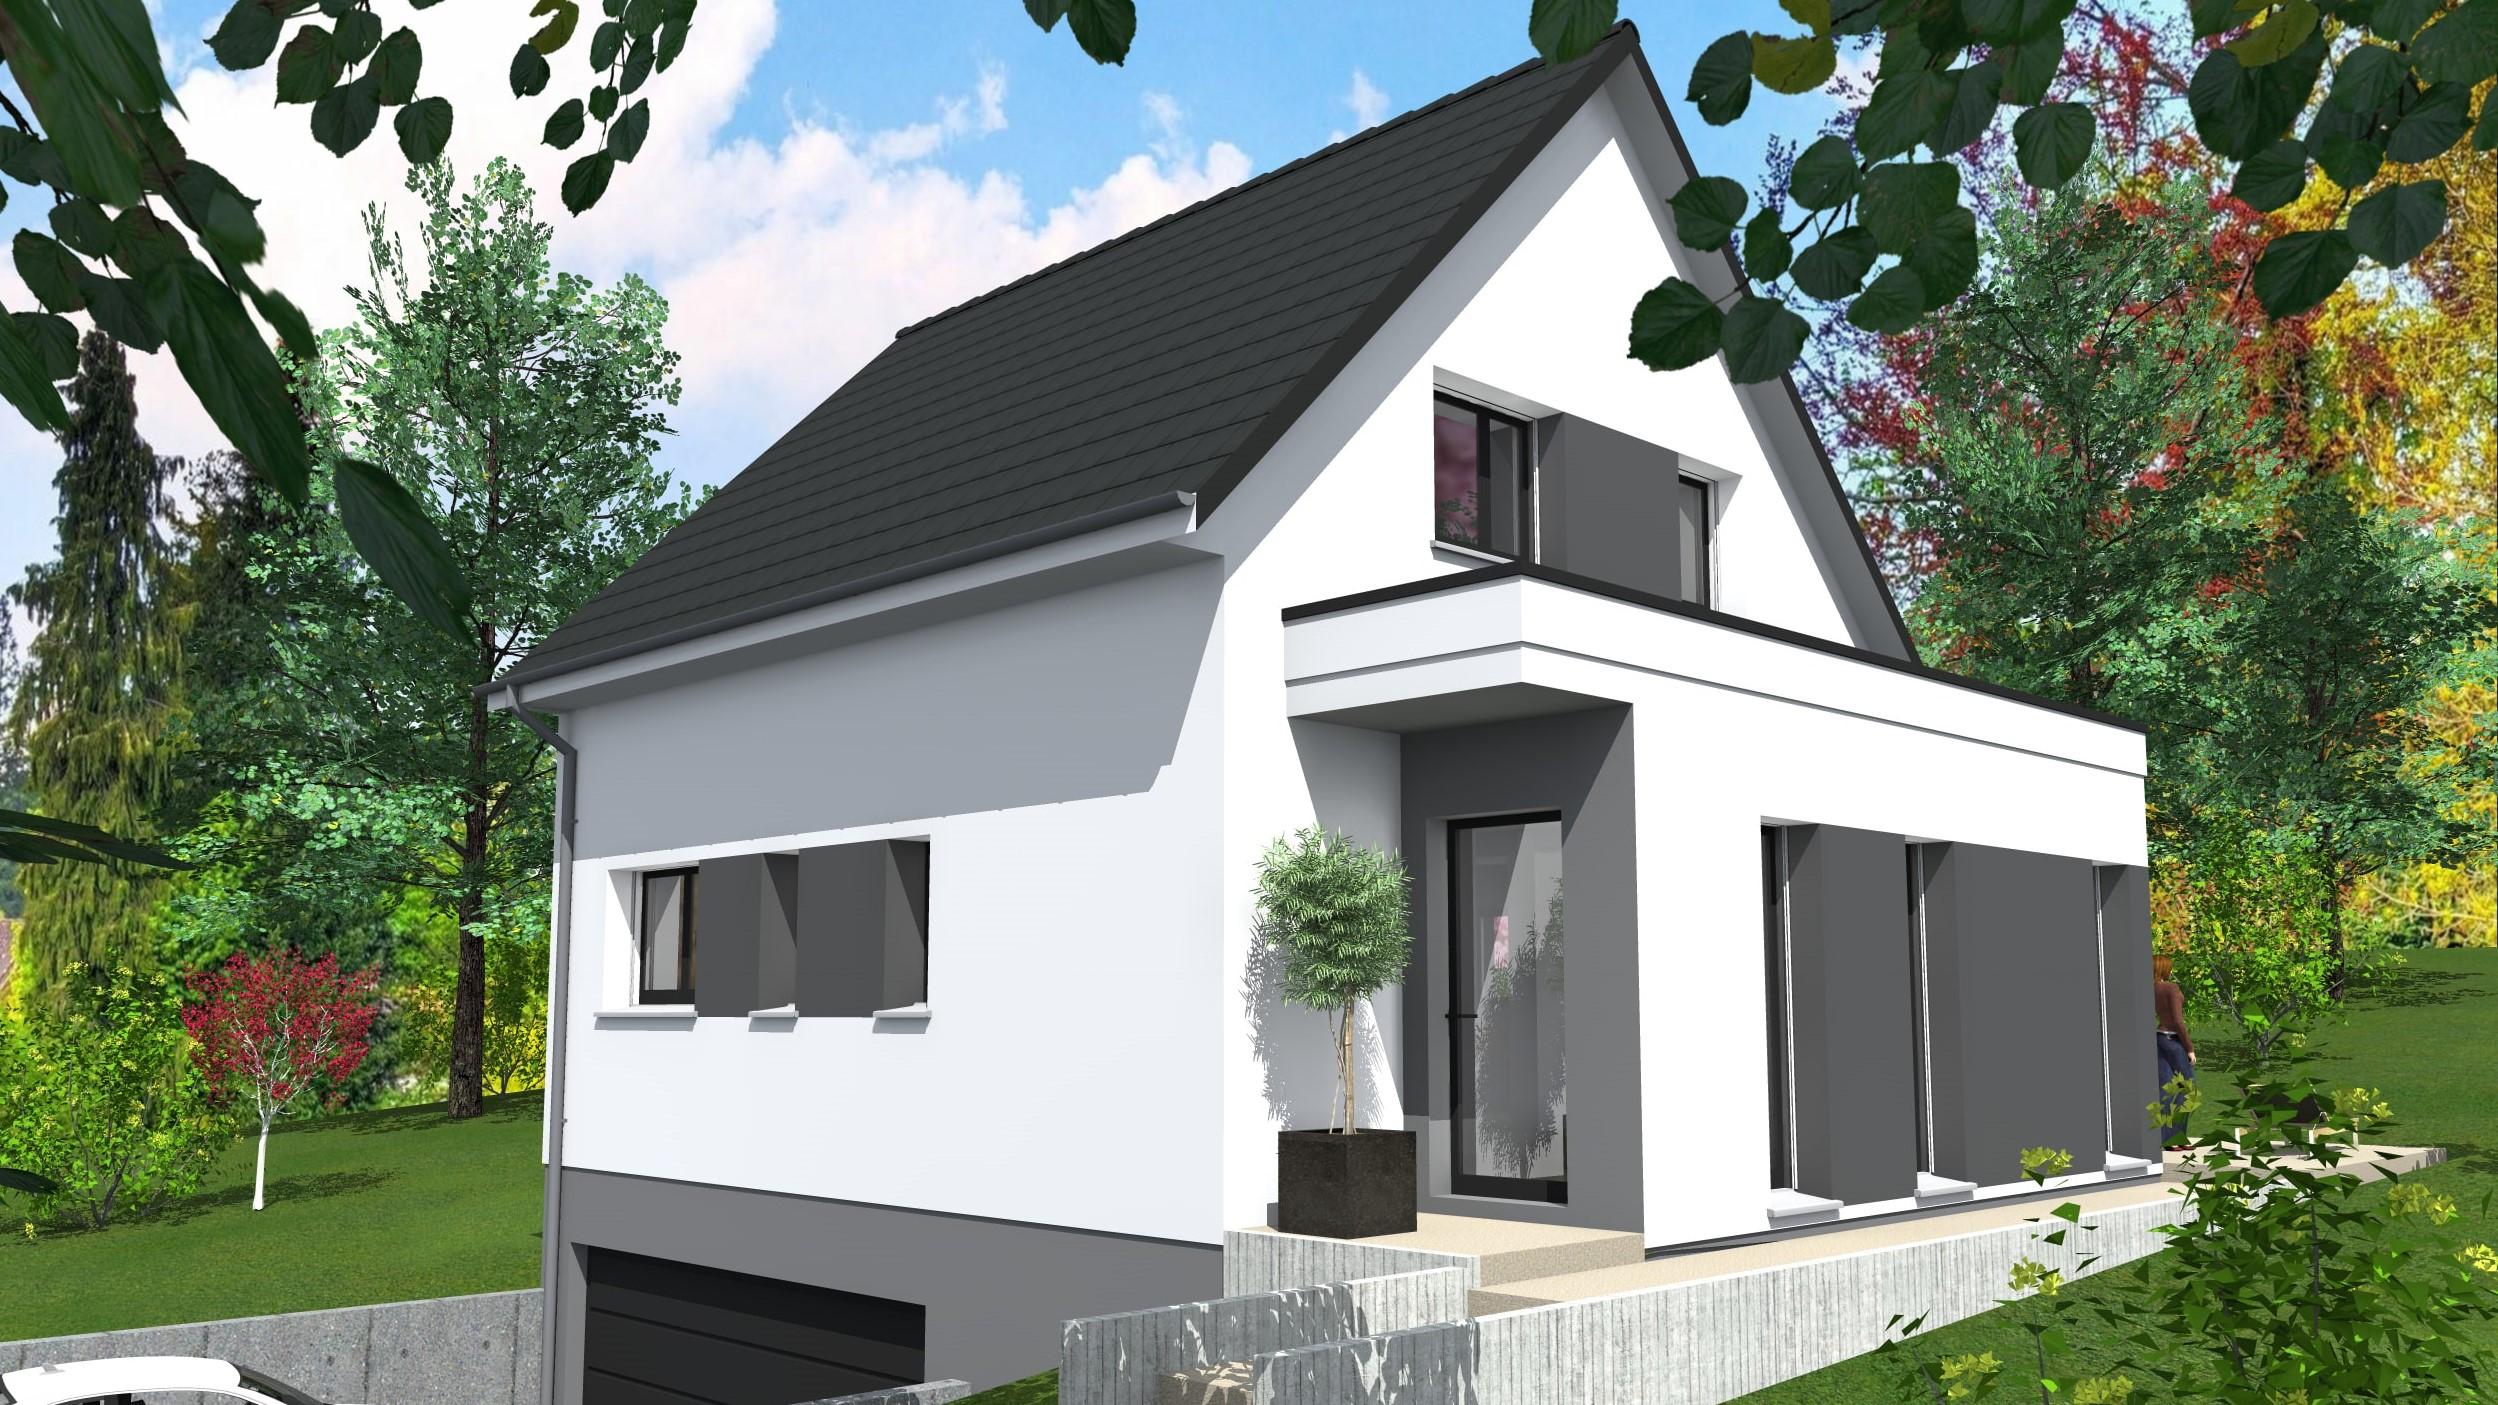 Constructeur maison individuelle haut rhin for Constructeur maison individuelle 53